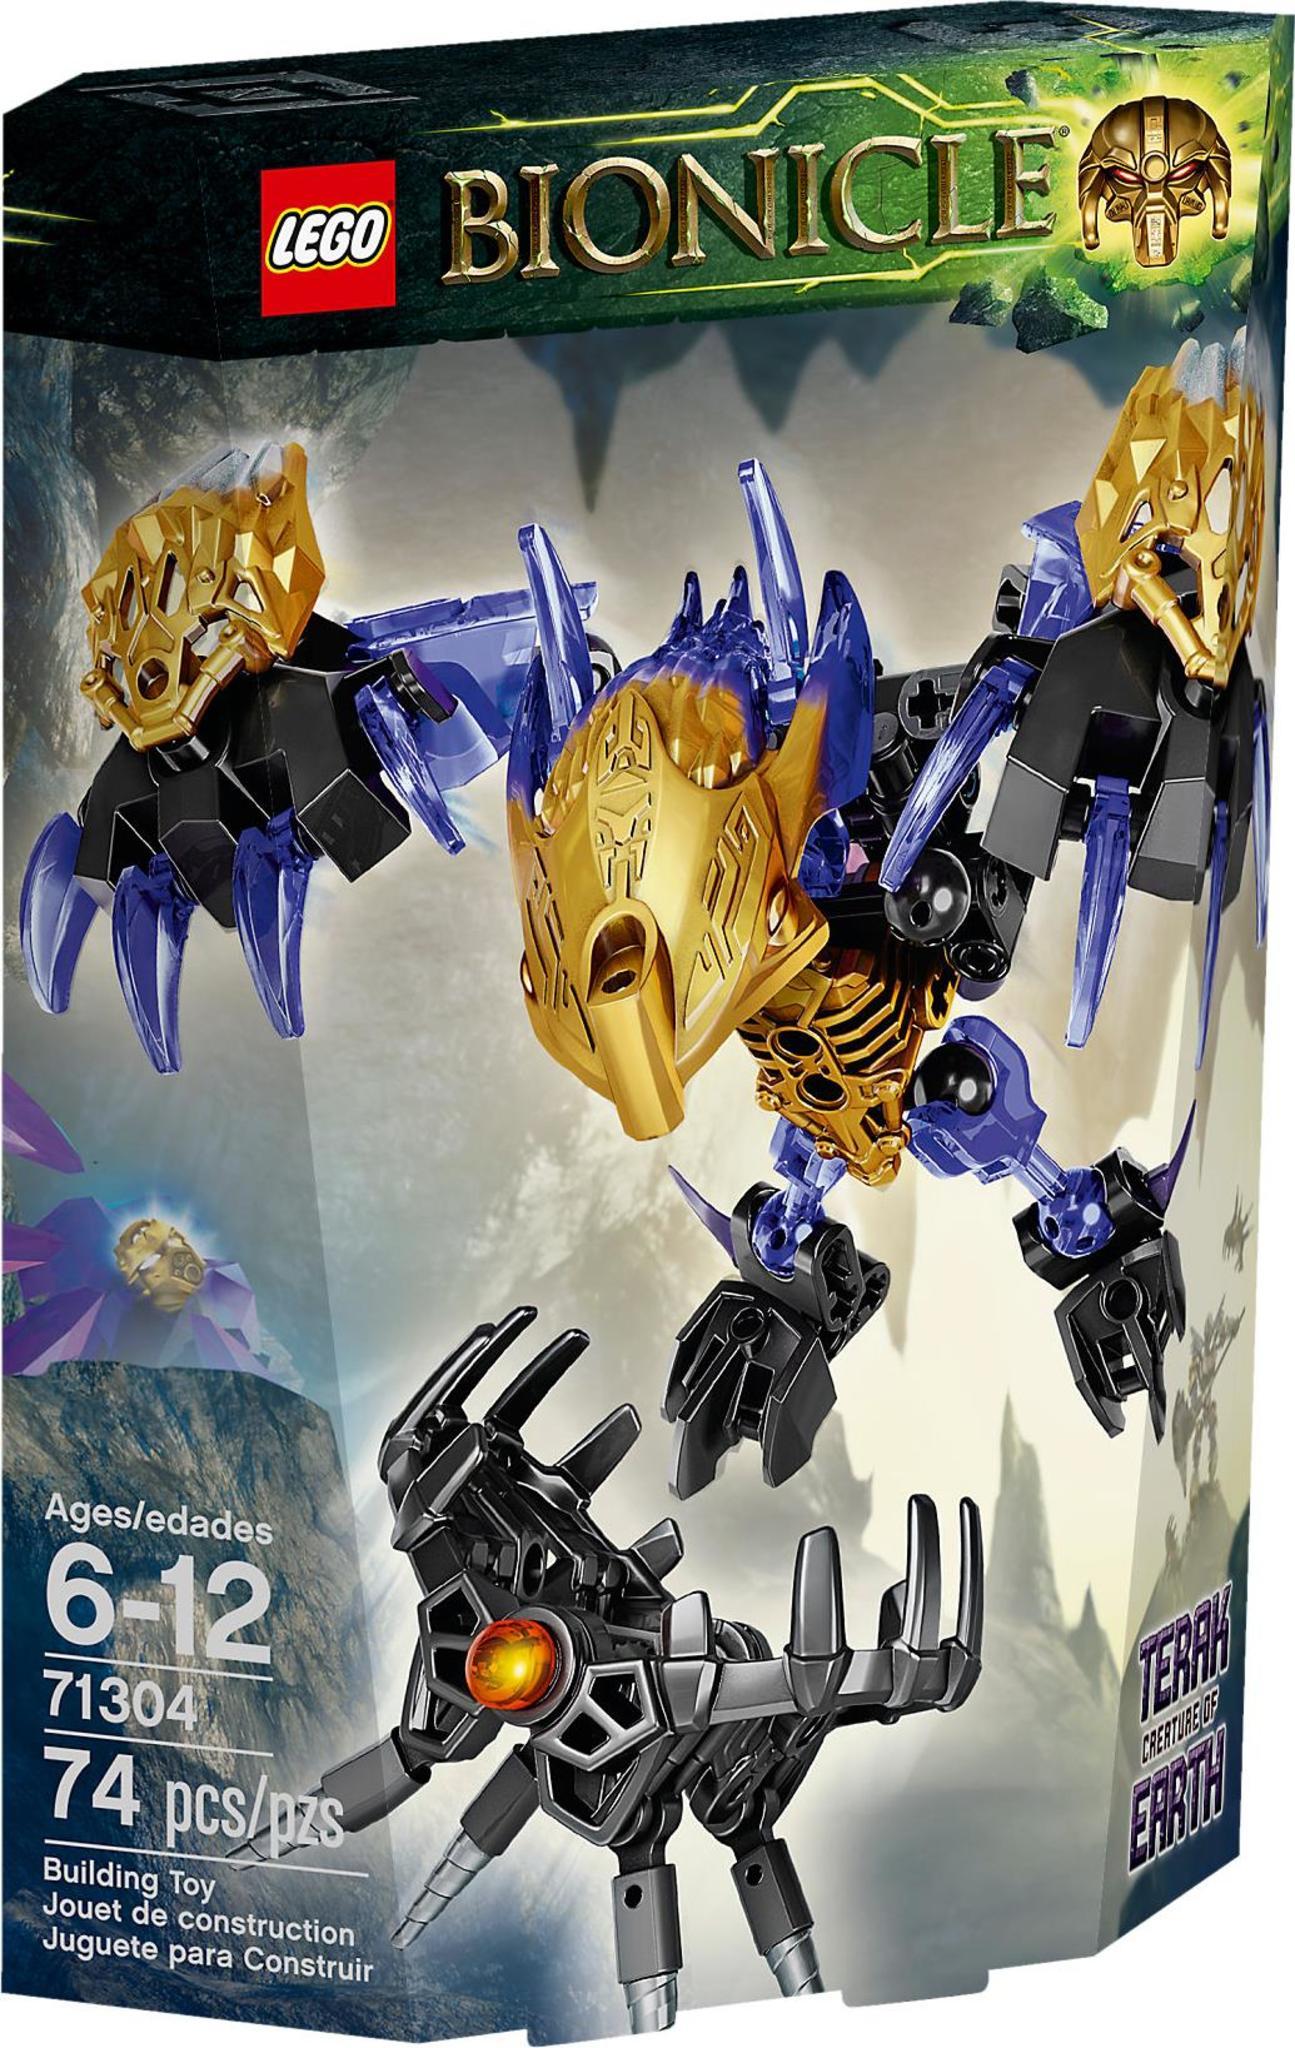 LEGO Bionicle 71304 - Terak - Creature of Earth | Mattonito